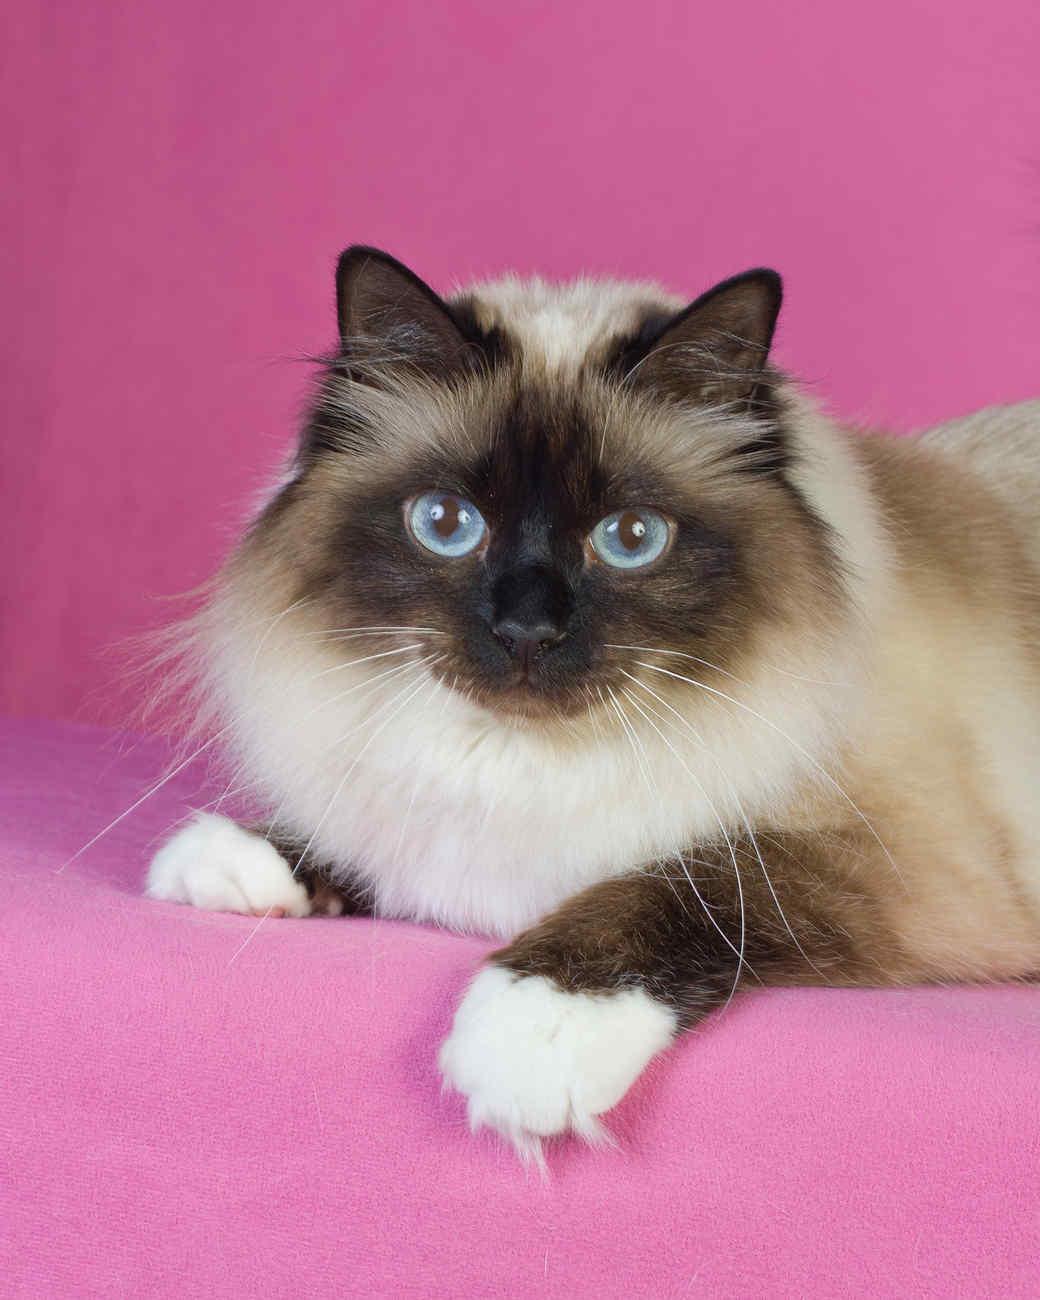 cat-breeds-ragdoll-ic26-019.jpg